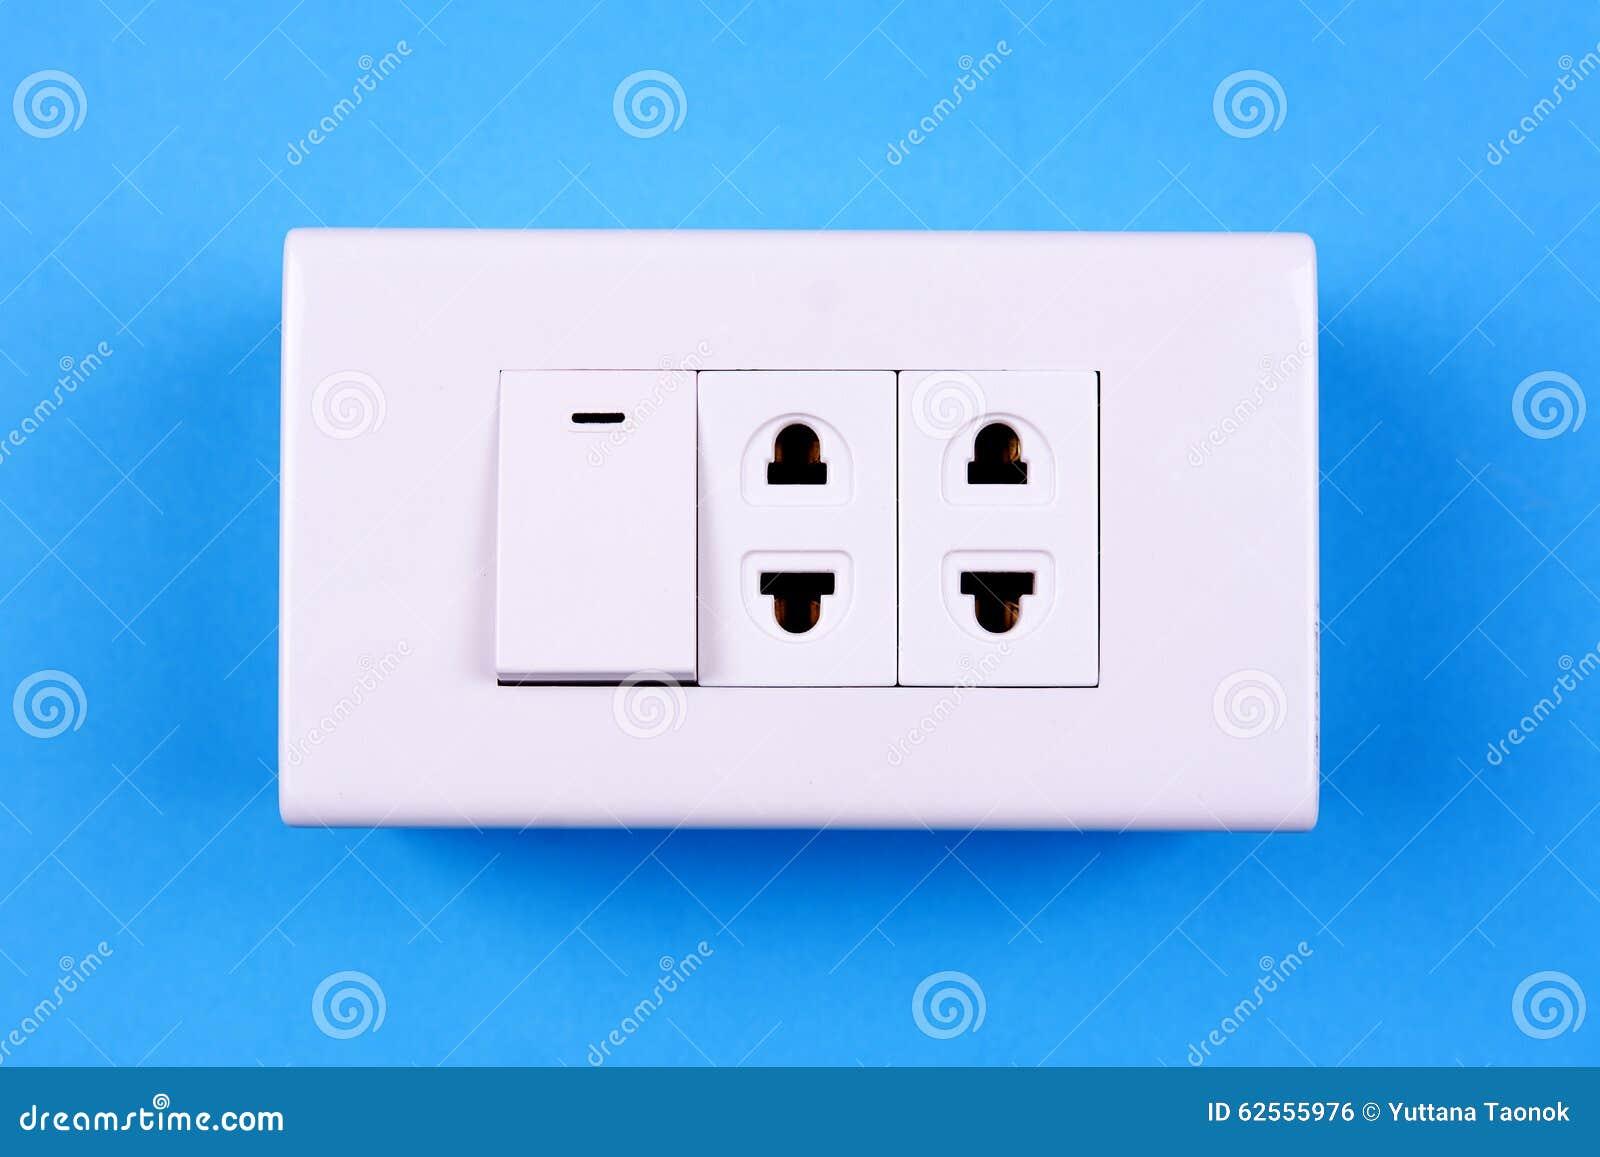 Ziemlich Elektrischer Lichtschalter Fotos - Der Schaltplan ...